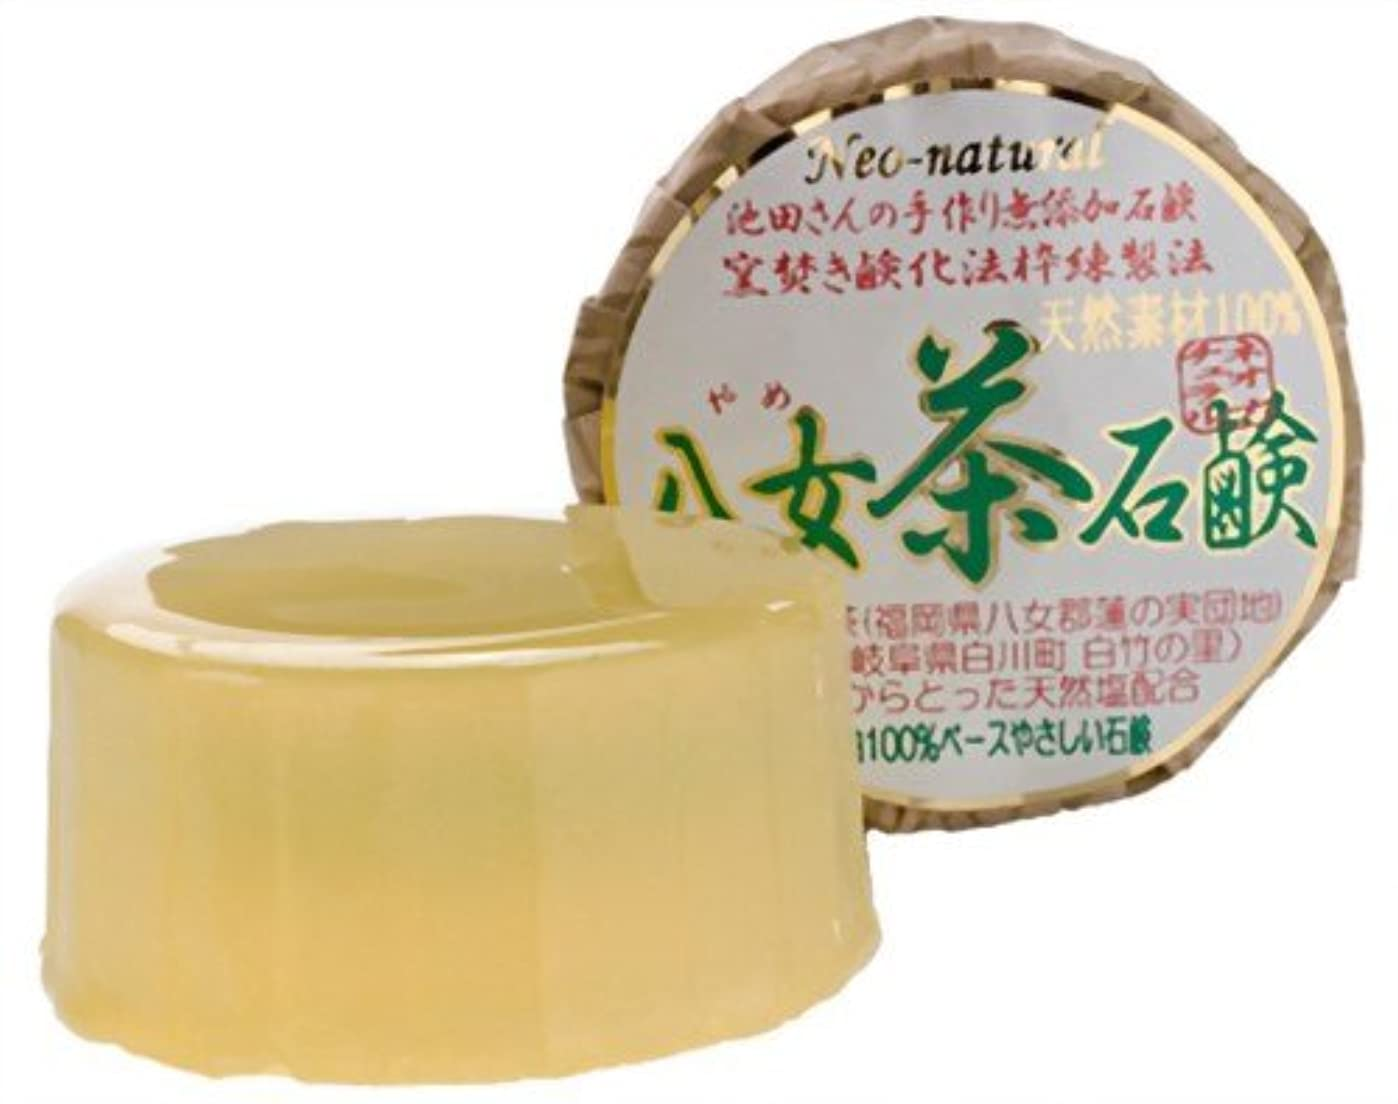 保護トランスペアレント不変ネオナチュラル 池田さんの八女茶石鹸 80g